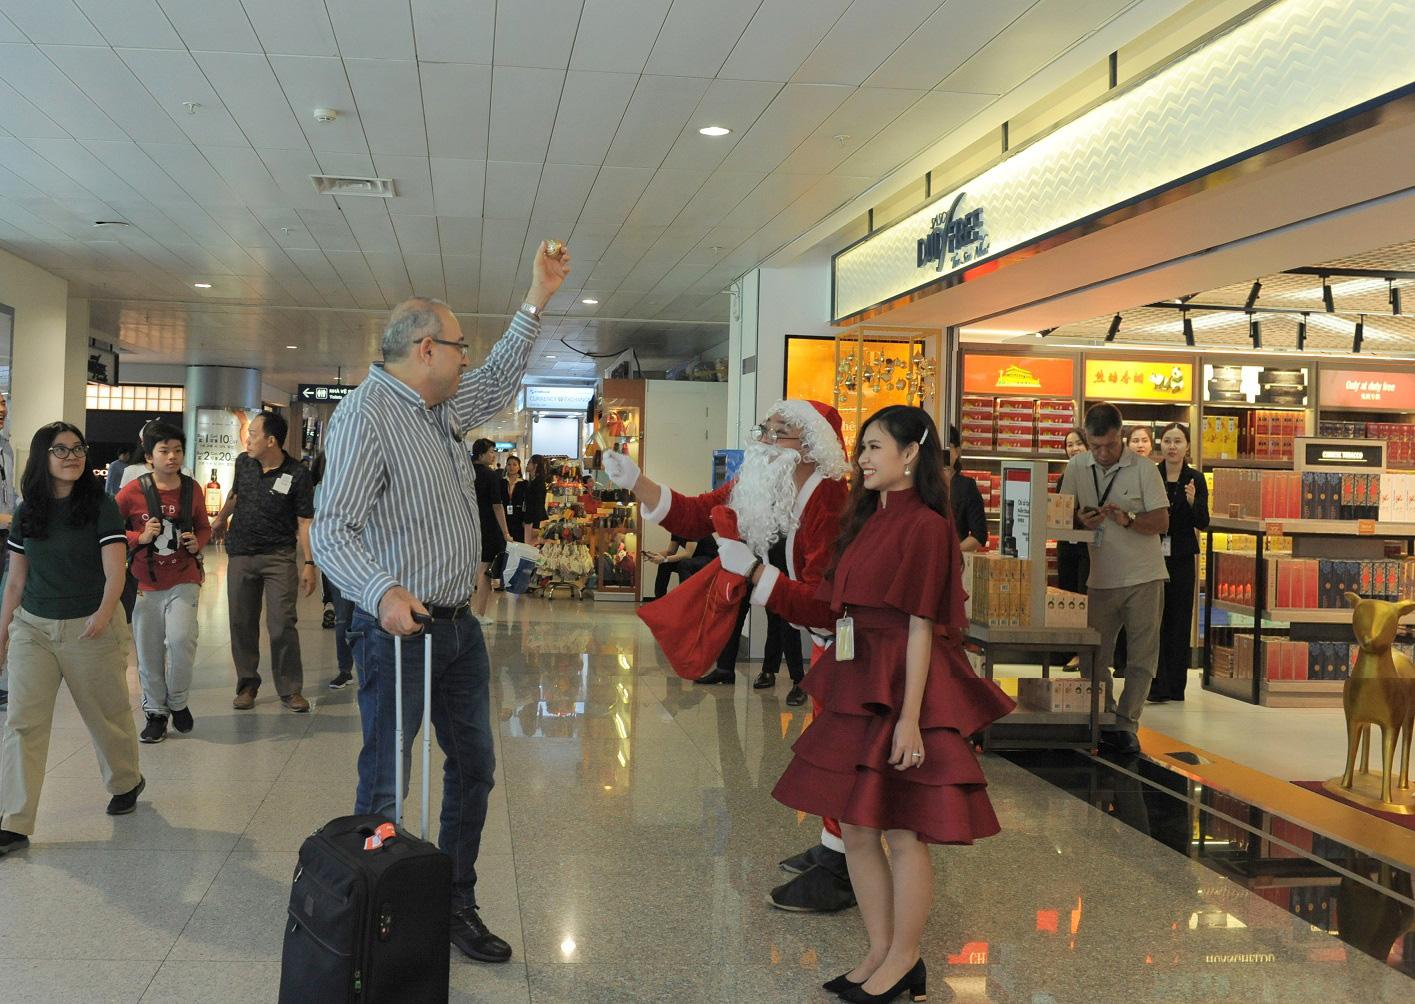 Khám phá cửa hàng miễn thuế bậc nhất sân bay quốc tế Tân Sơn Nhất - Ảnh 6.